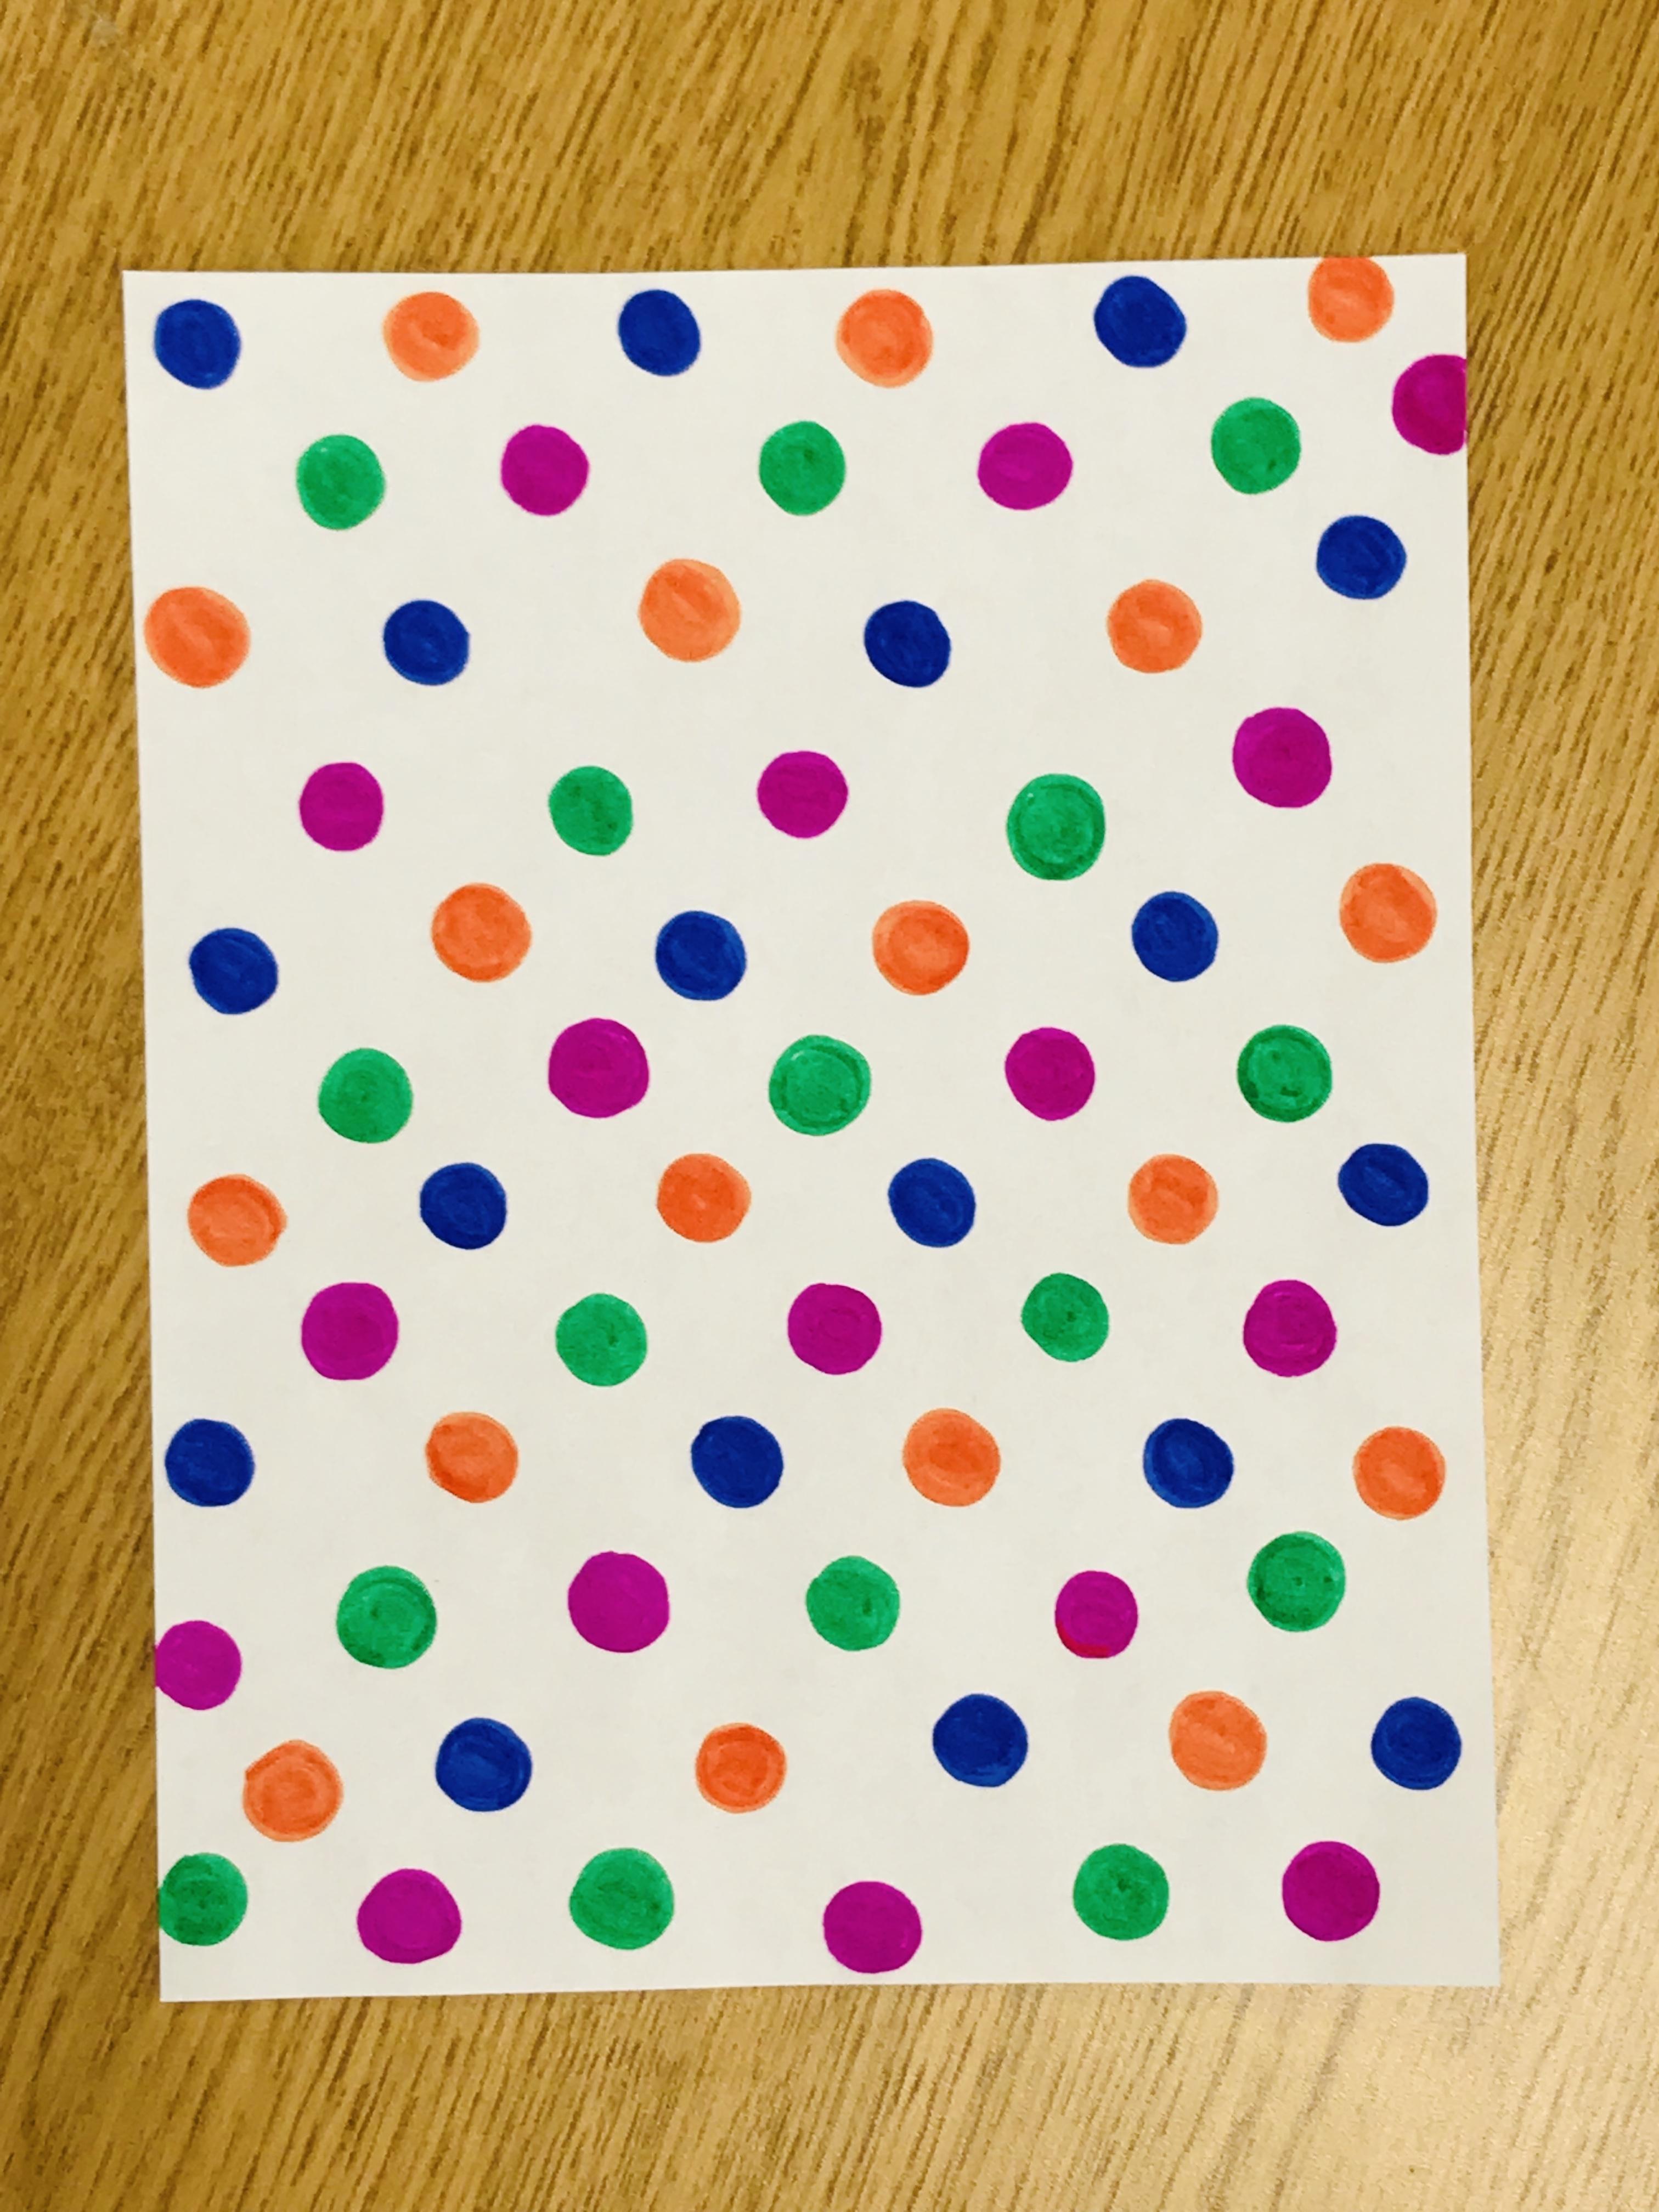 Polka dot sheet